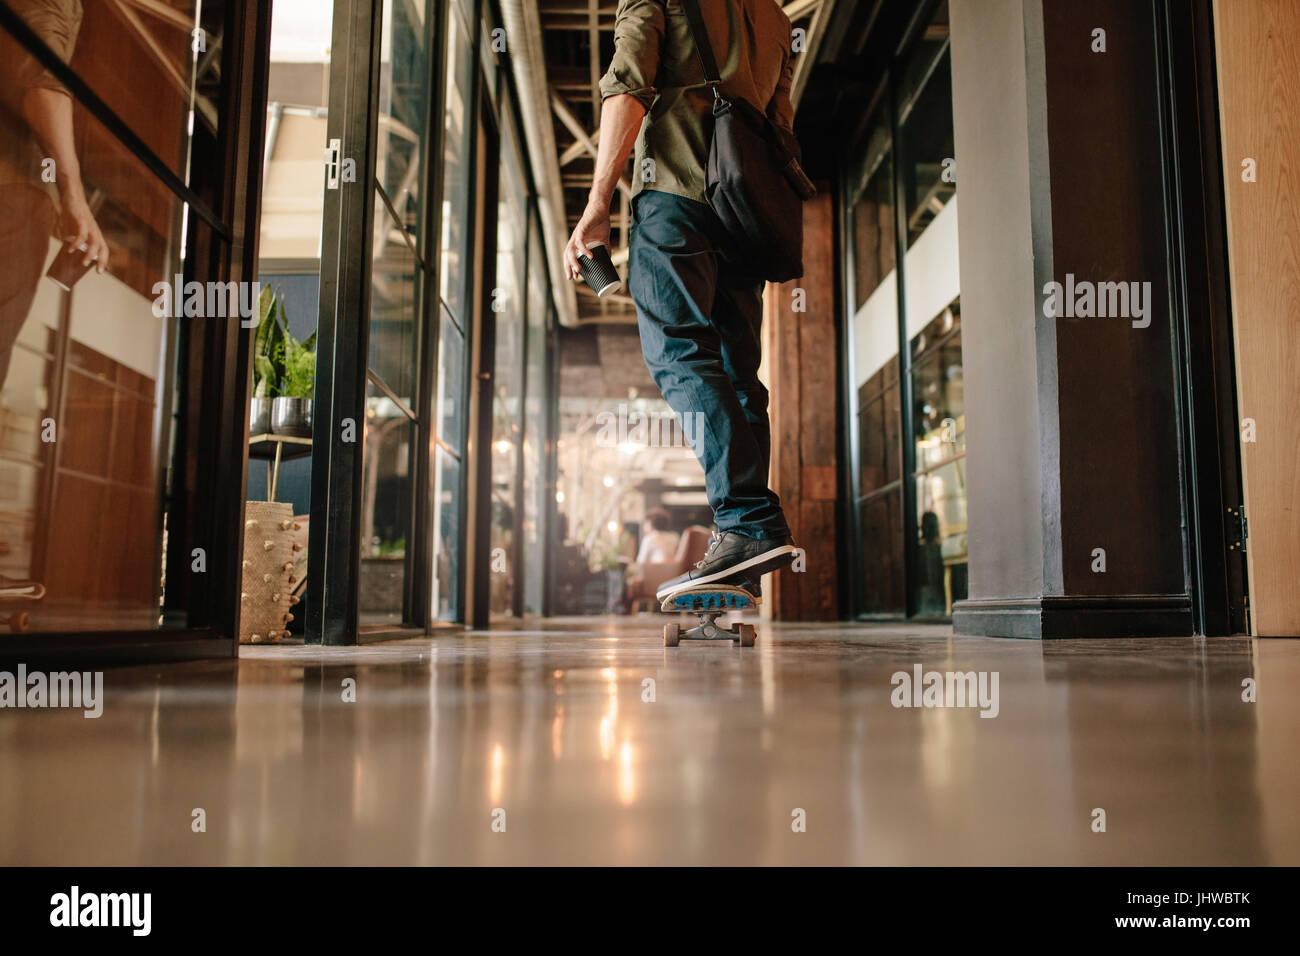 Vue arrière de l'angle faible shot of casual man skateboarding in office. Jeune homme d'affaires par Photo Stock